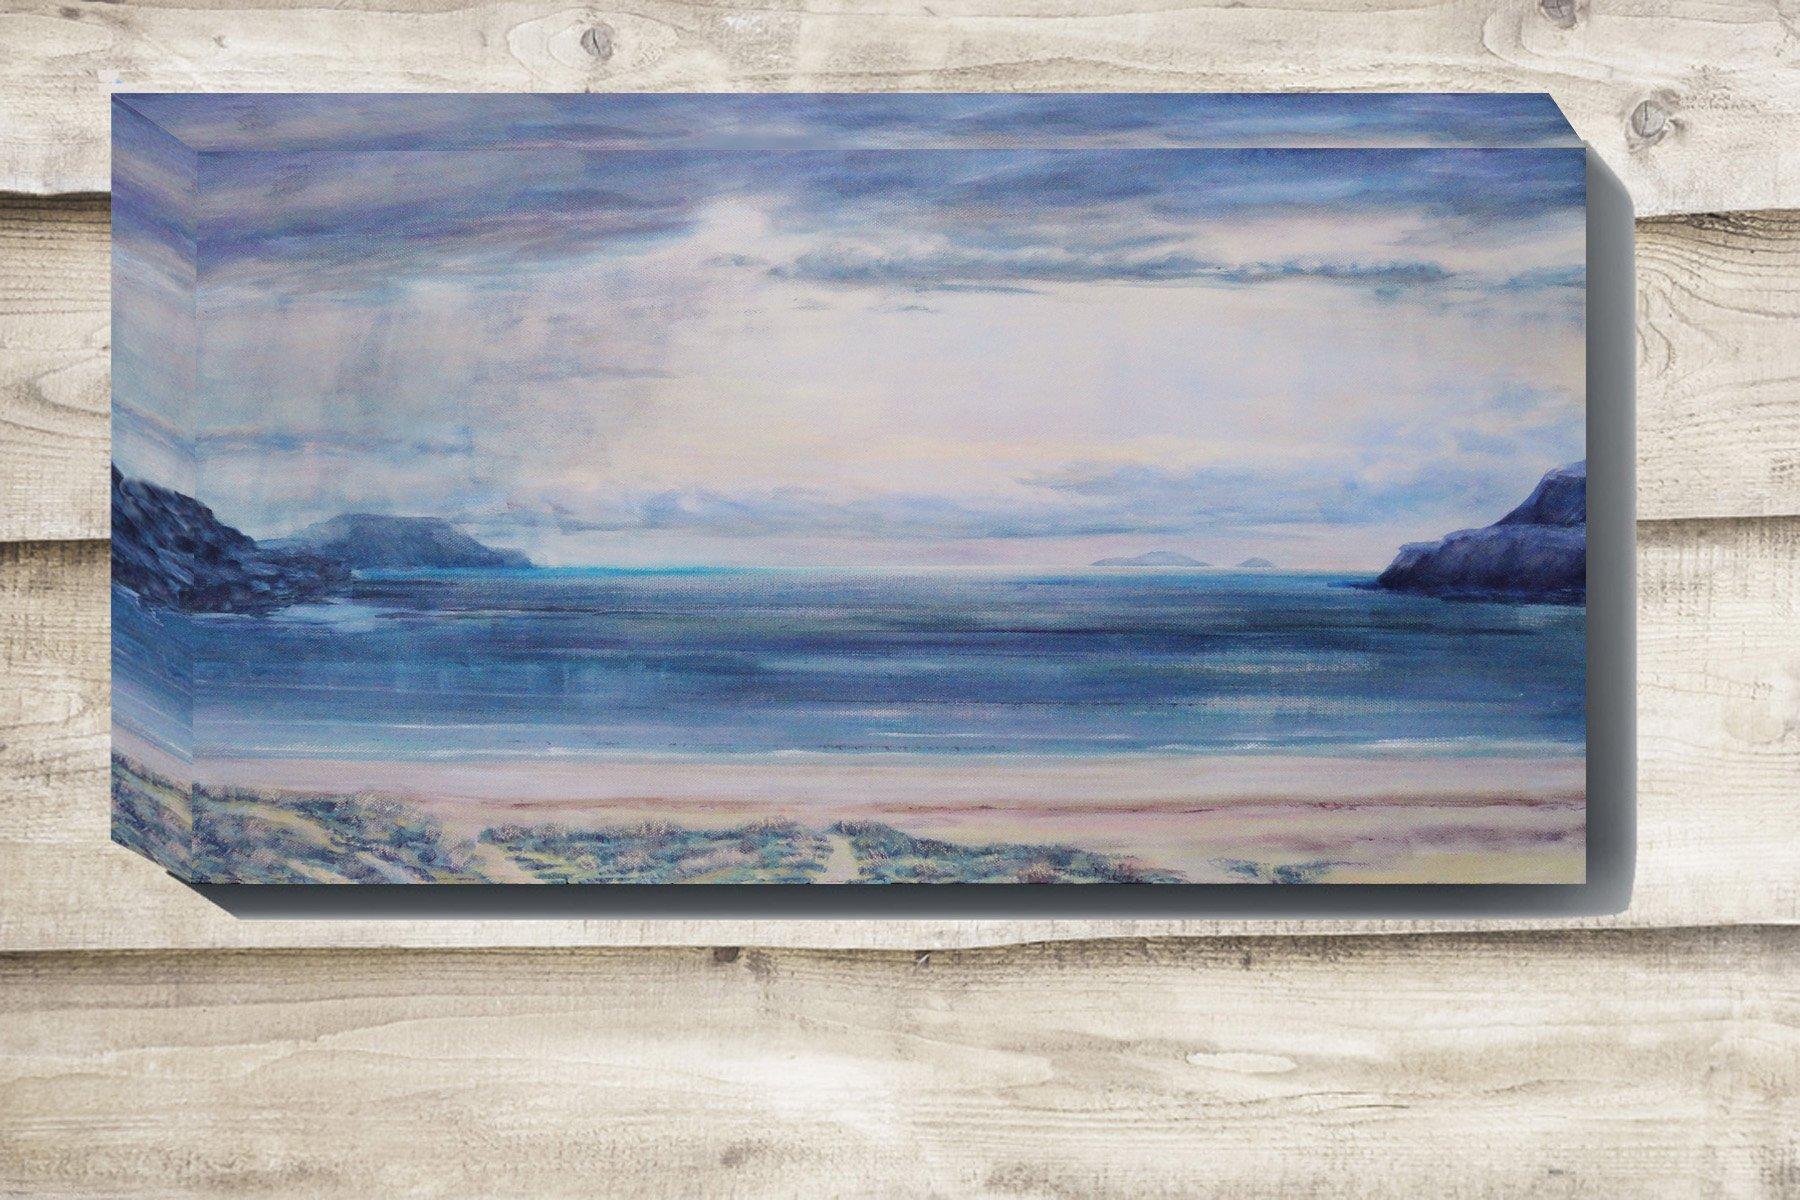 Calgary sun and rain canvas painting